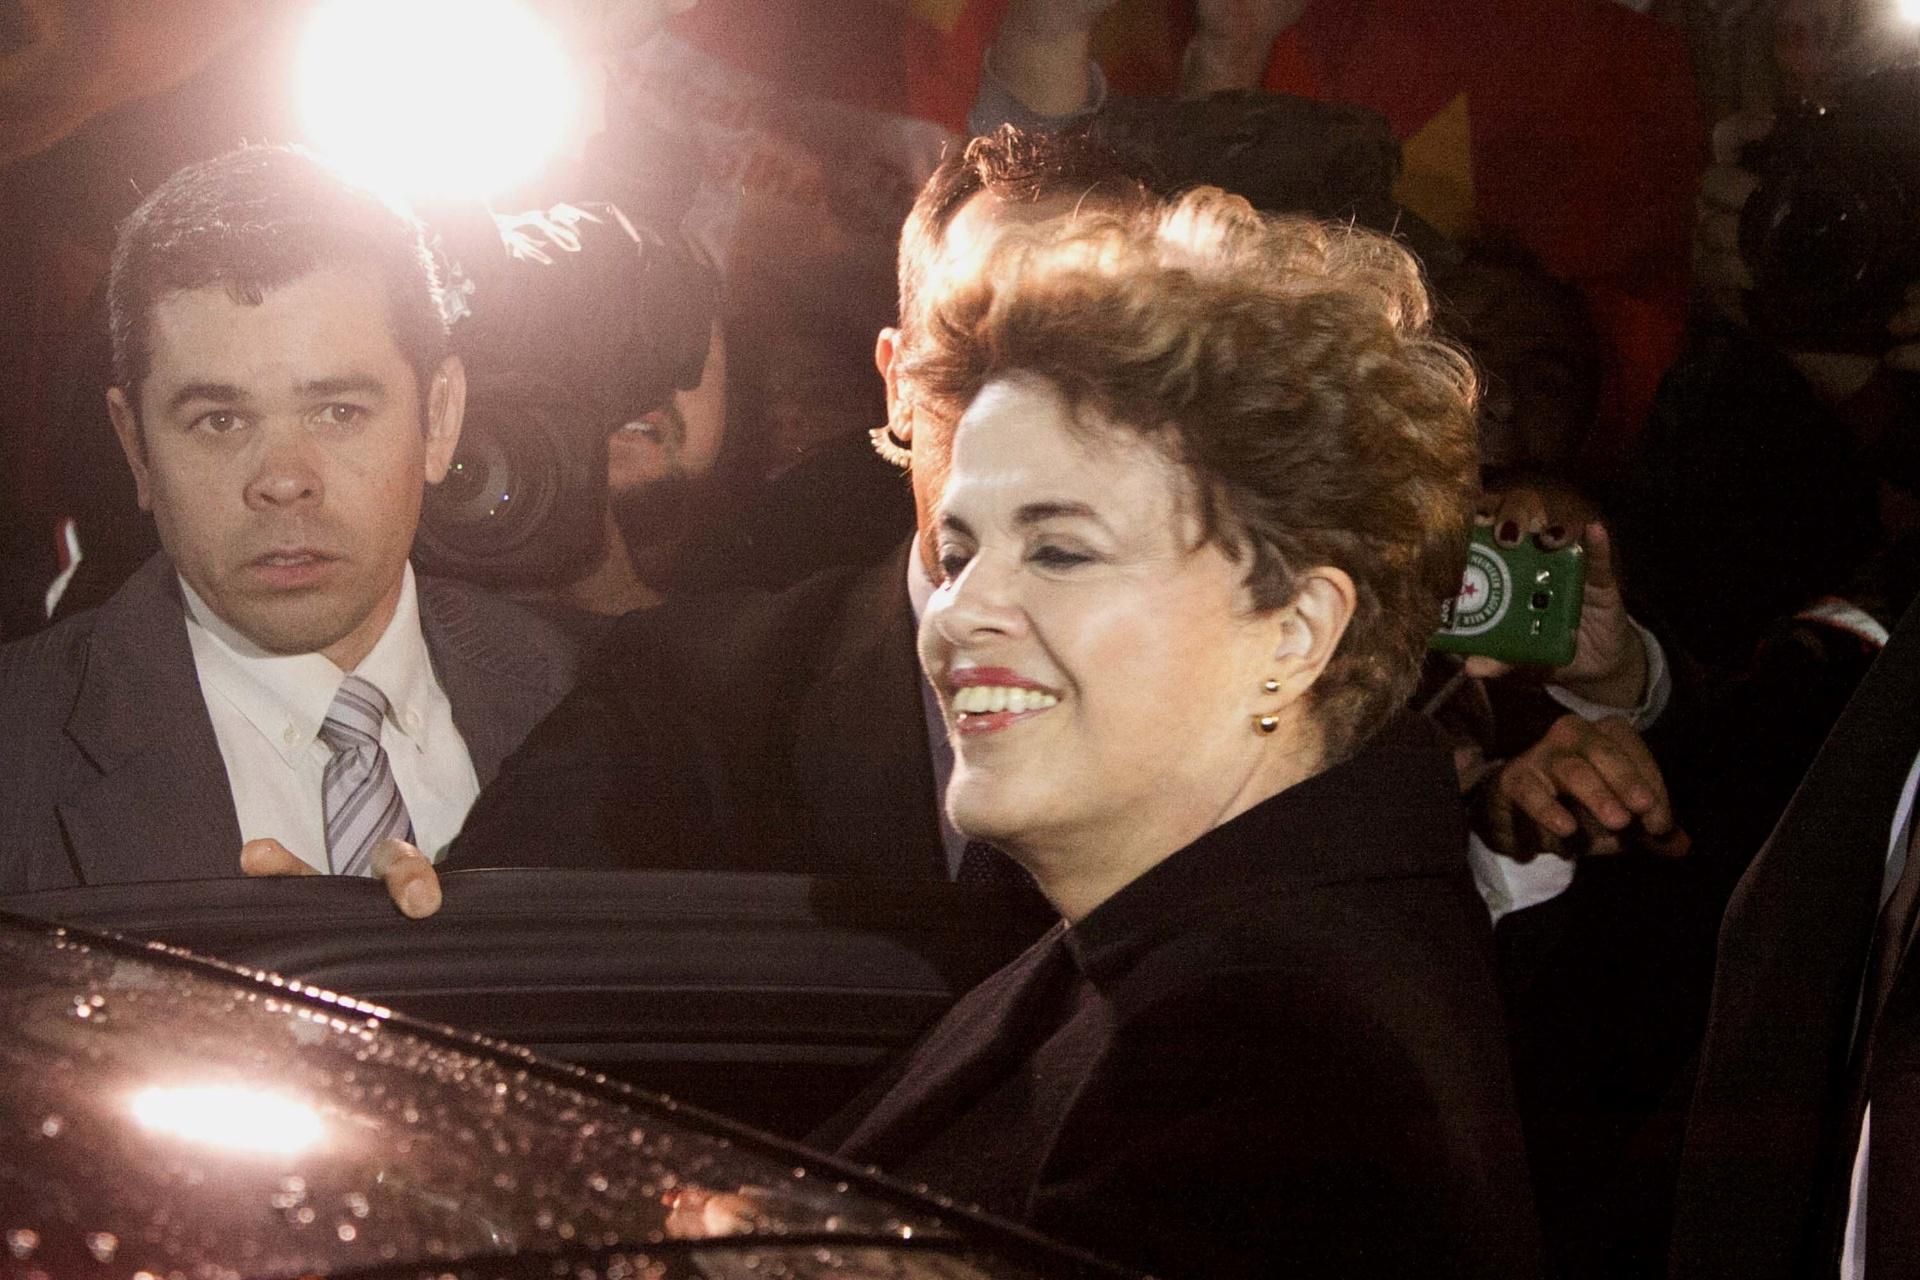 6.ago.2016 - Seis dias após sofrer o impeachment, a ex-presidente Dilma Rousseff (PT) deixou definitivamente o Palácio da Alvorada, em Brasília. Na imagem, ela é recebida por manifestantes e apoiadores na Base Aérea de Canoas (RS), de onde seguiu para a casa da família, em Porto Alegre